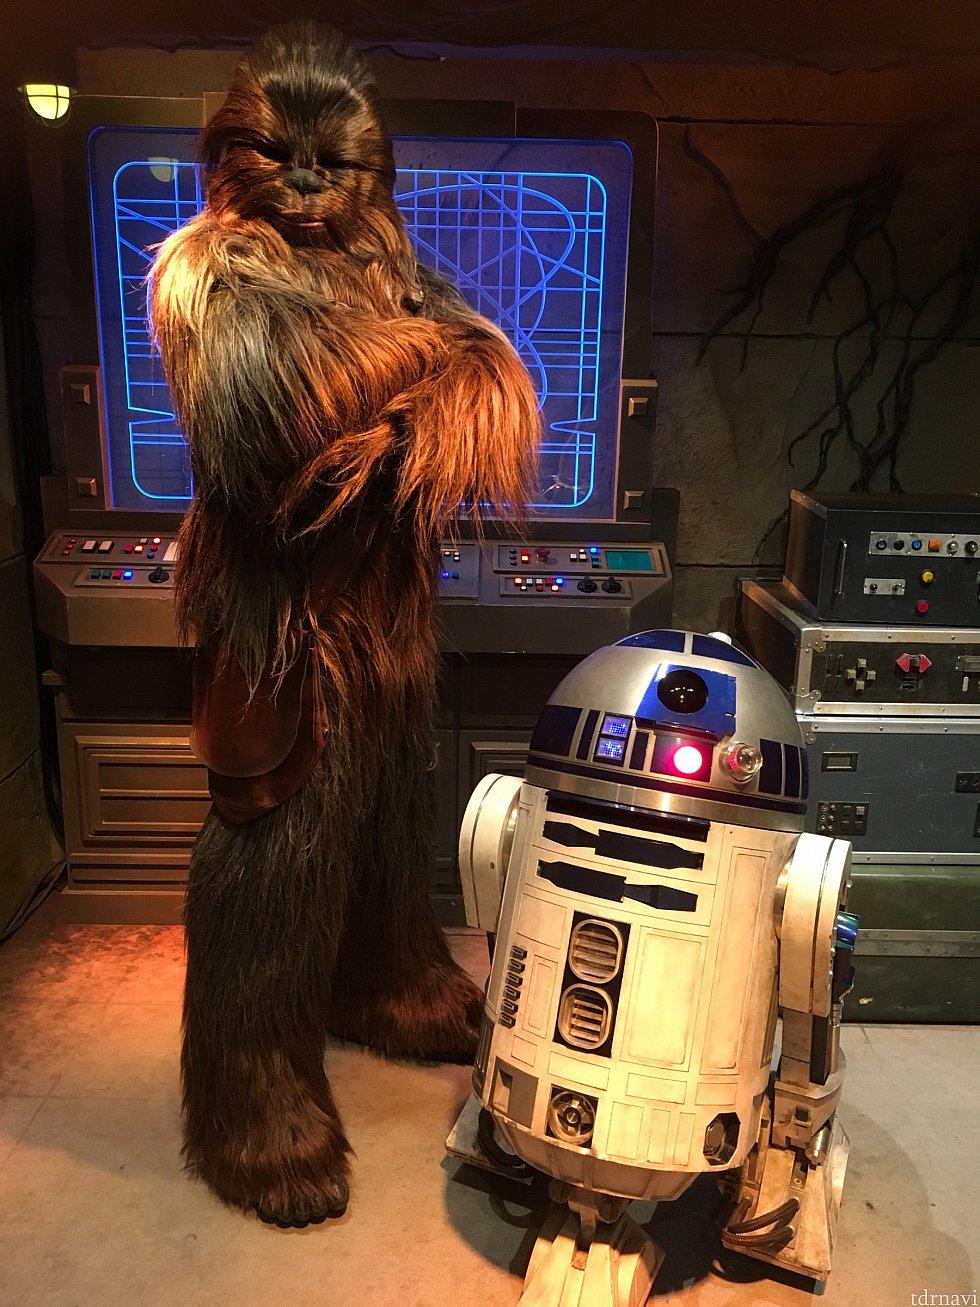 チューバッカ&R2-D2が一緒にいる時がいいかなと思ったので、時間を調べていきました。実際は5分も待たずに会えたと思います